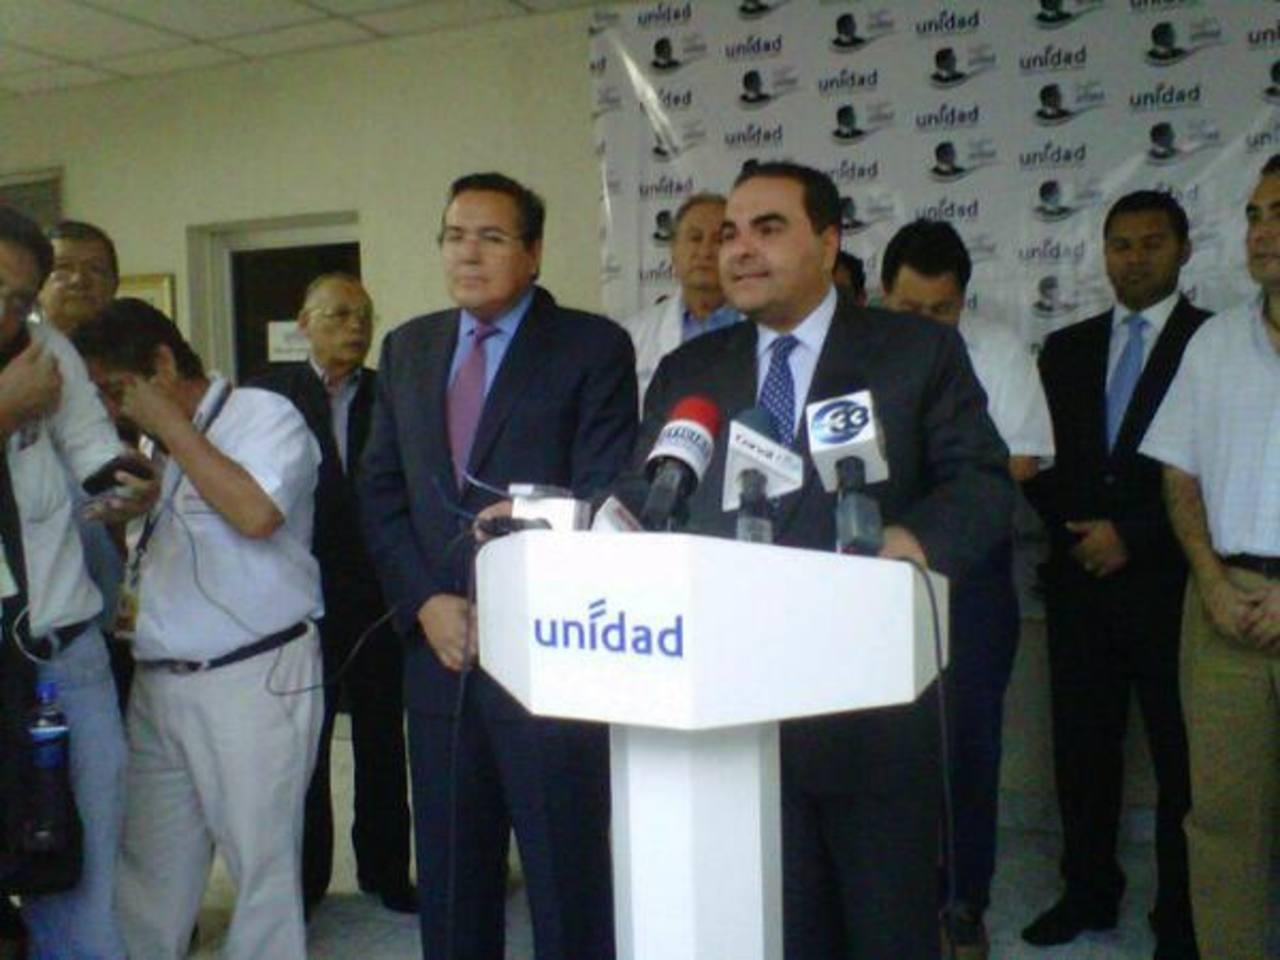 Saca dice no temer a demanda de inconstitucionalidad